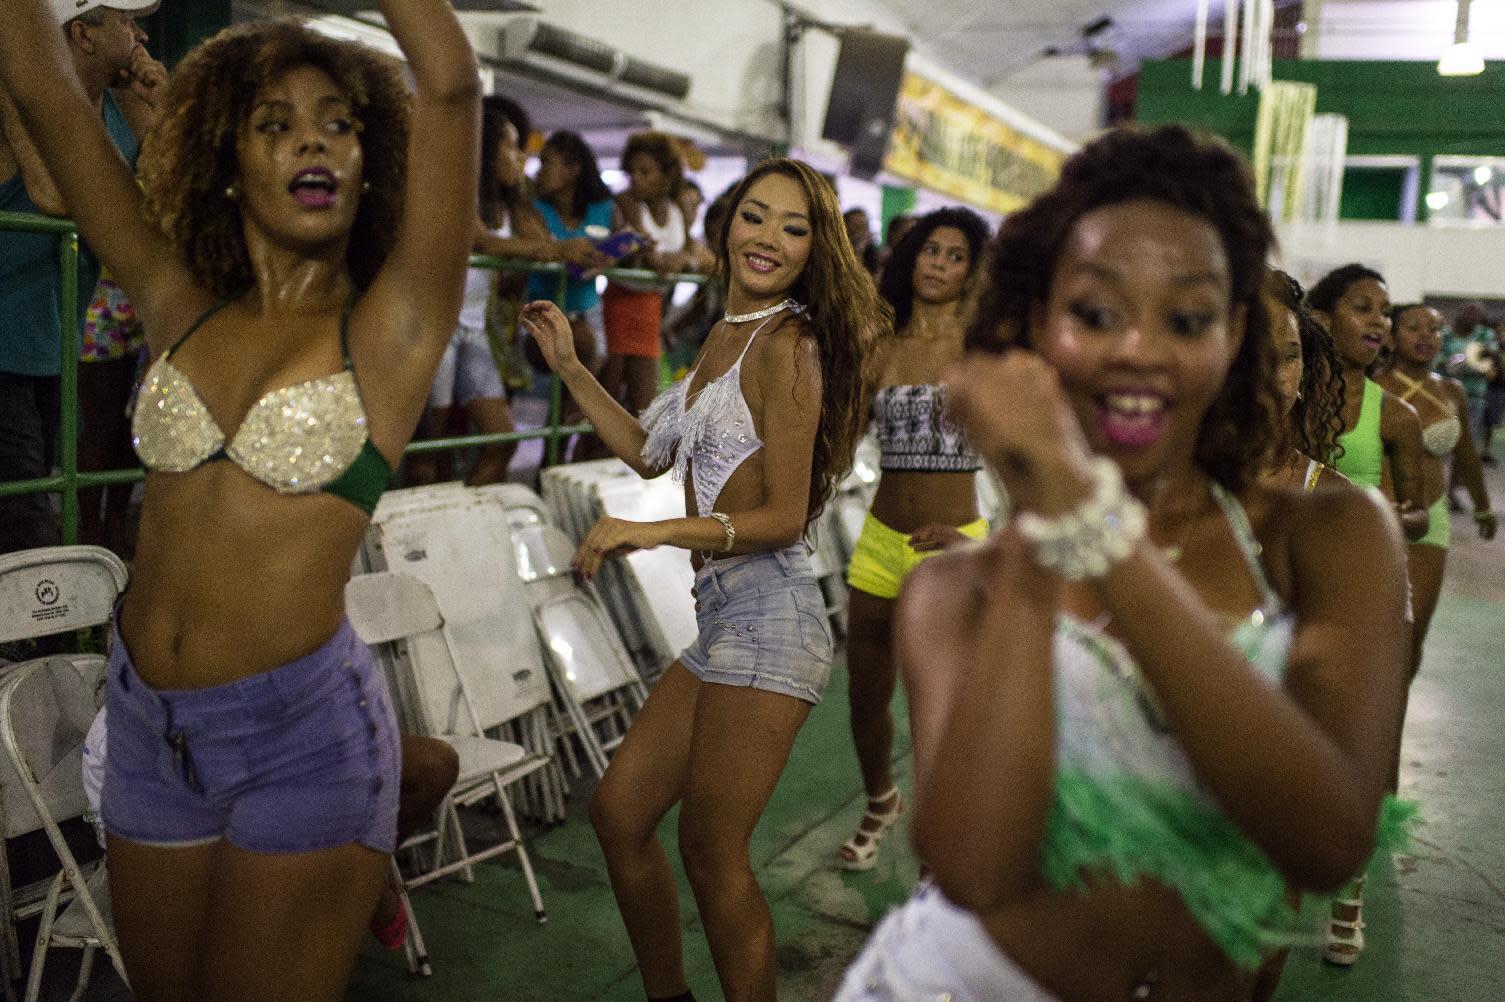 Japanese dancers find samba salvation in quake tragedy